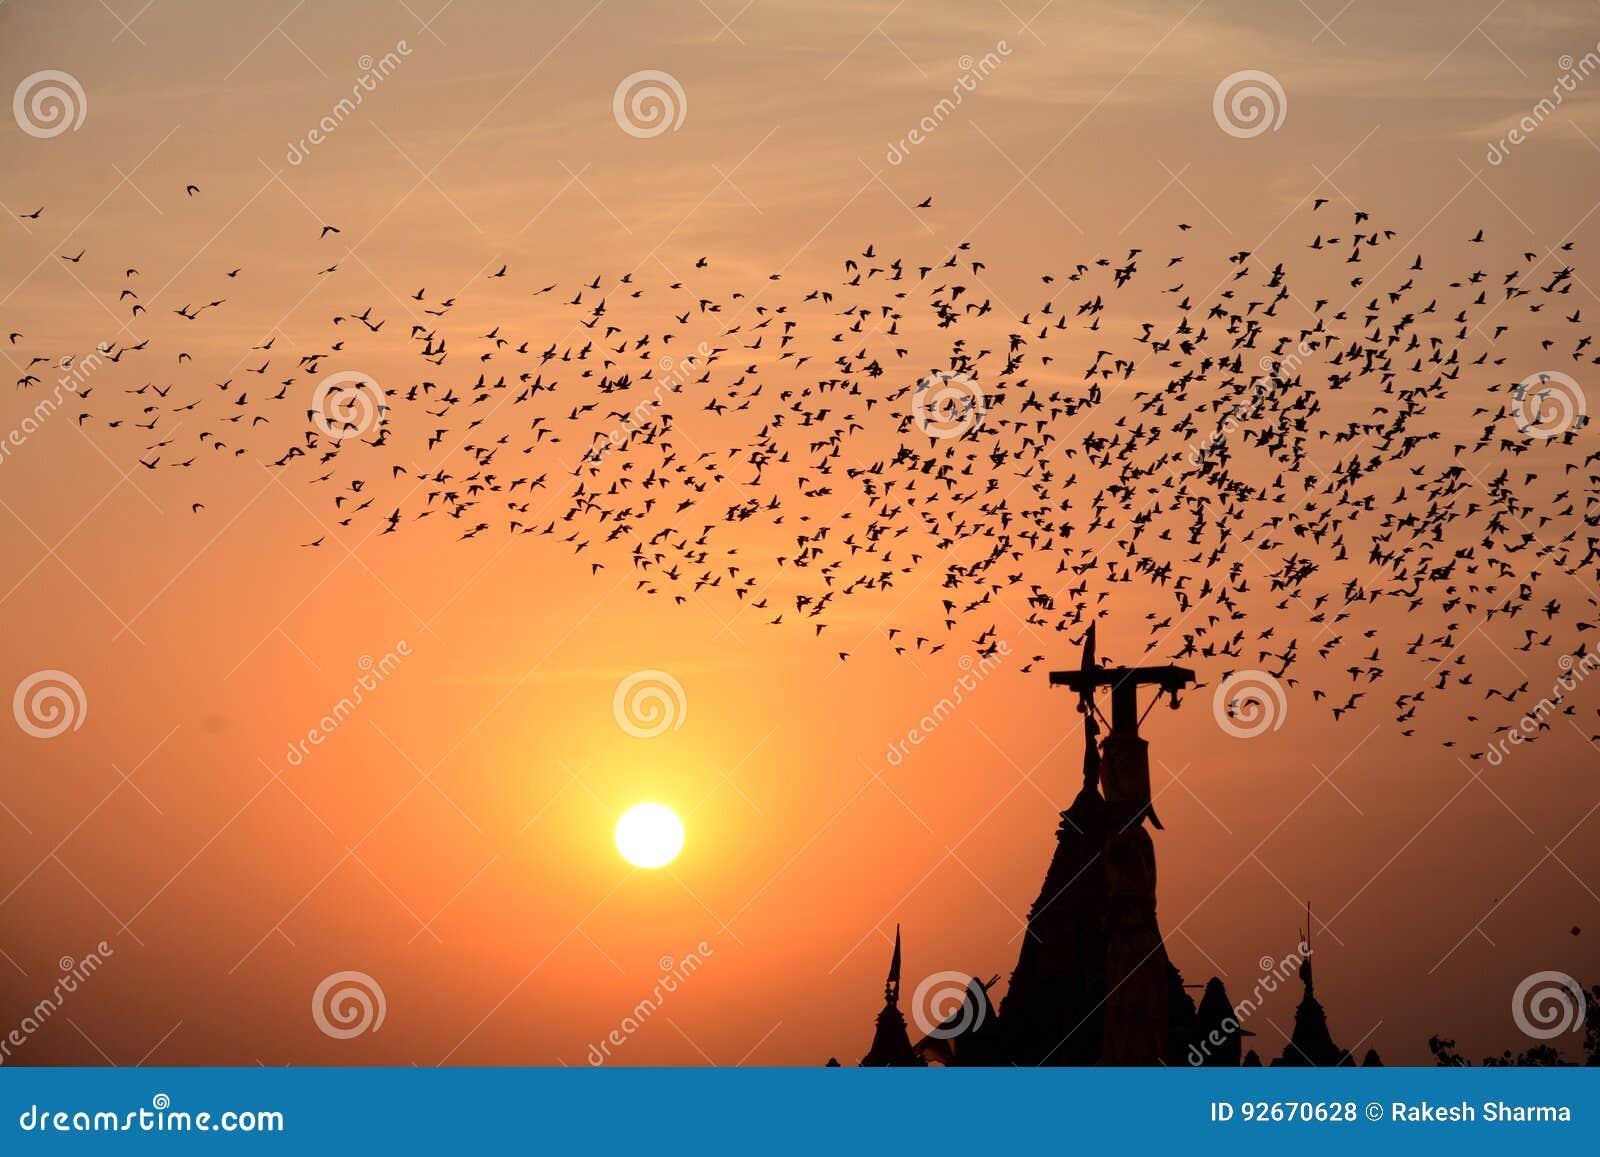 FLOCKING BEHAVIOR IN BIRDS Bikaner Rajasthan